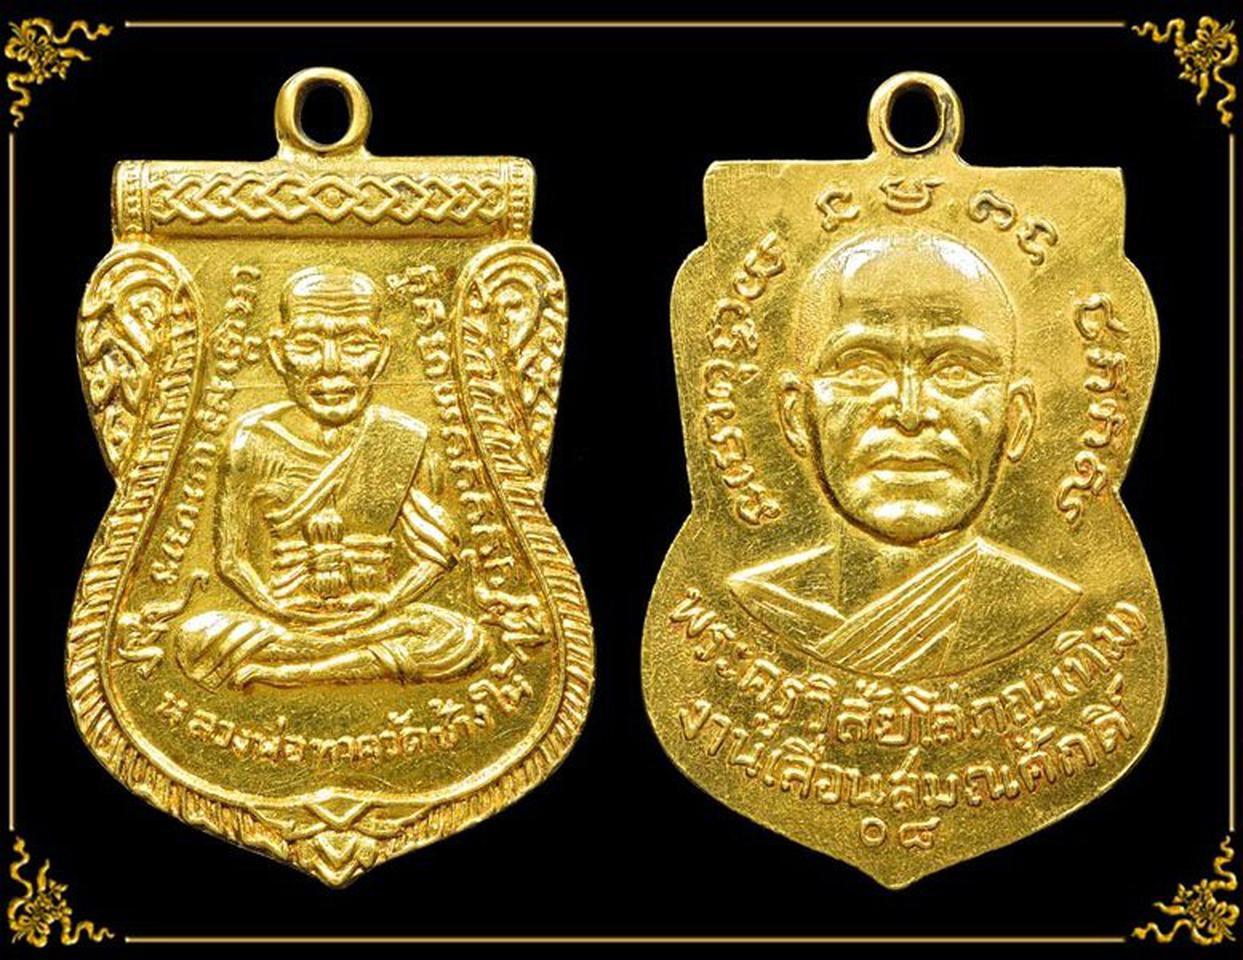 ขายเหรียญเลื่อนสมณศักดิ์หลวงปู่ทิม เนื้อทองคำ ปี 08 วัดละหารไร่ จังหวัดระยอง รูปที่ 1